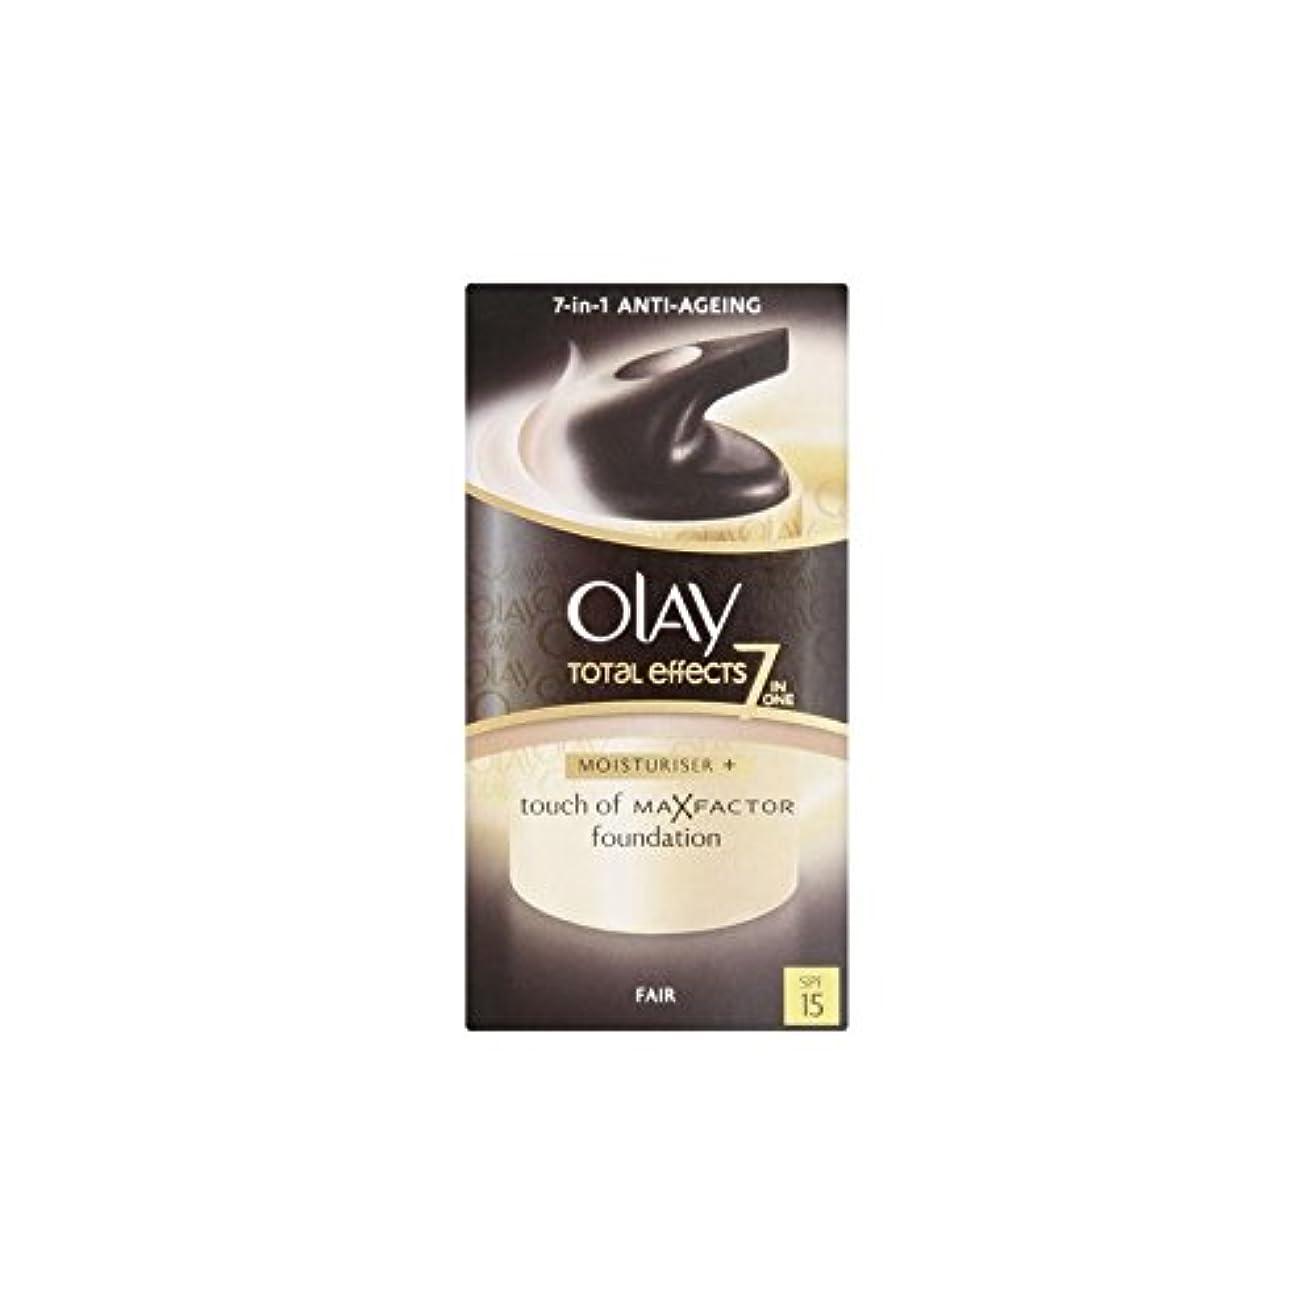 セッション雰囲気花オーレイトータルエフェクト保湿クリーム15 - フェア(50ミリリットル) x4 - Olay Total Effects Moisturiser Bb Cream Spf15 - Fair (50ml) (Pack of...